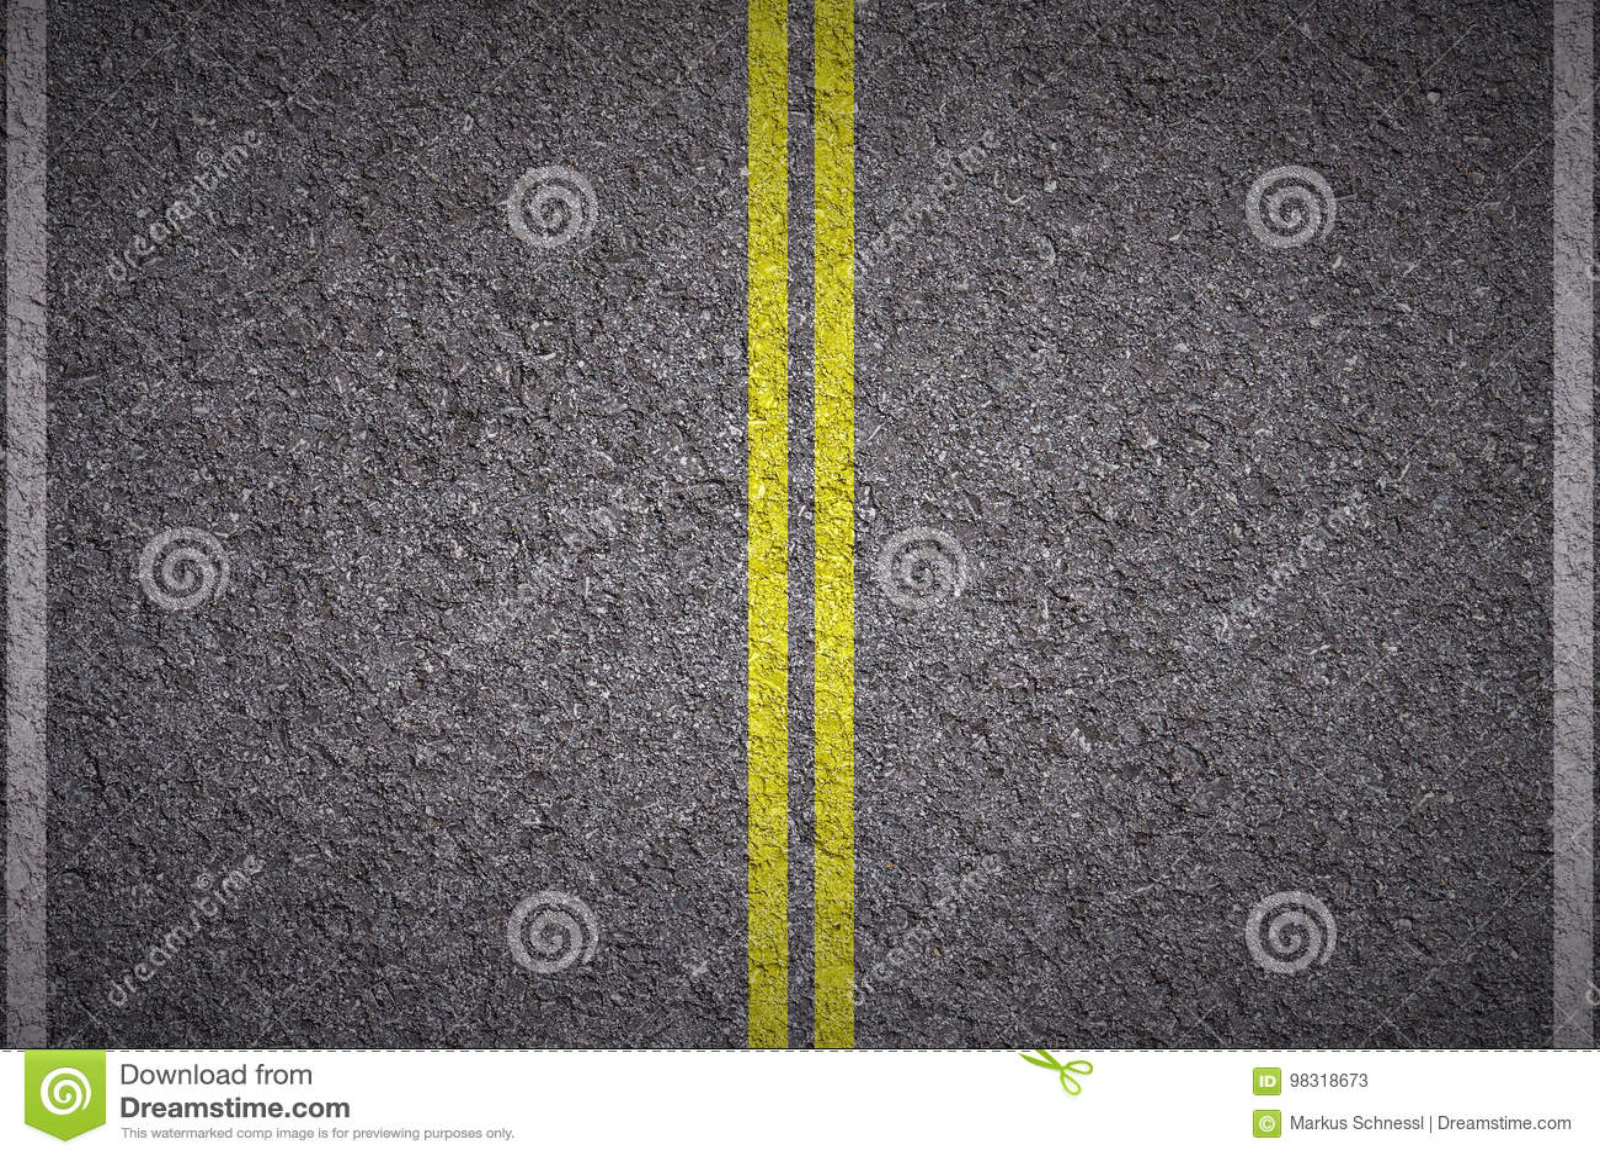 Asfalt - Gele en witte lijnen